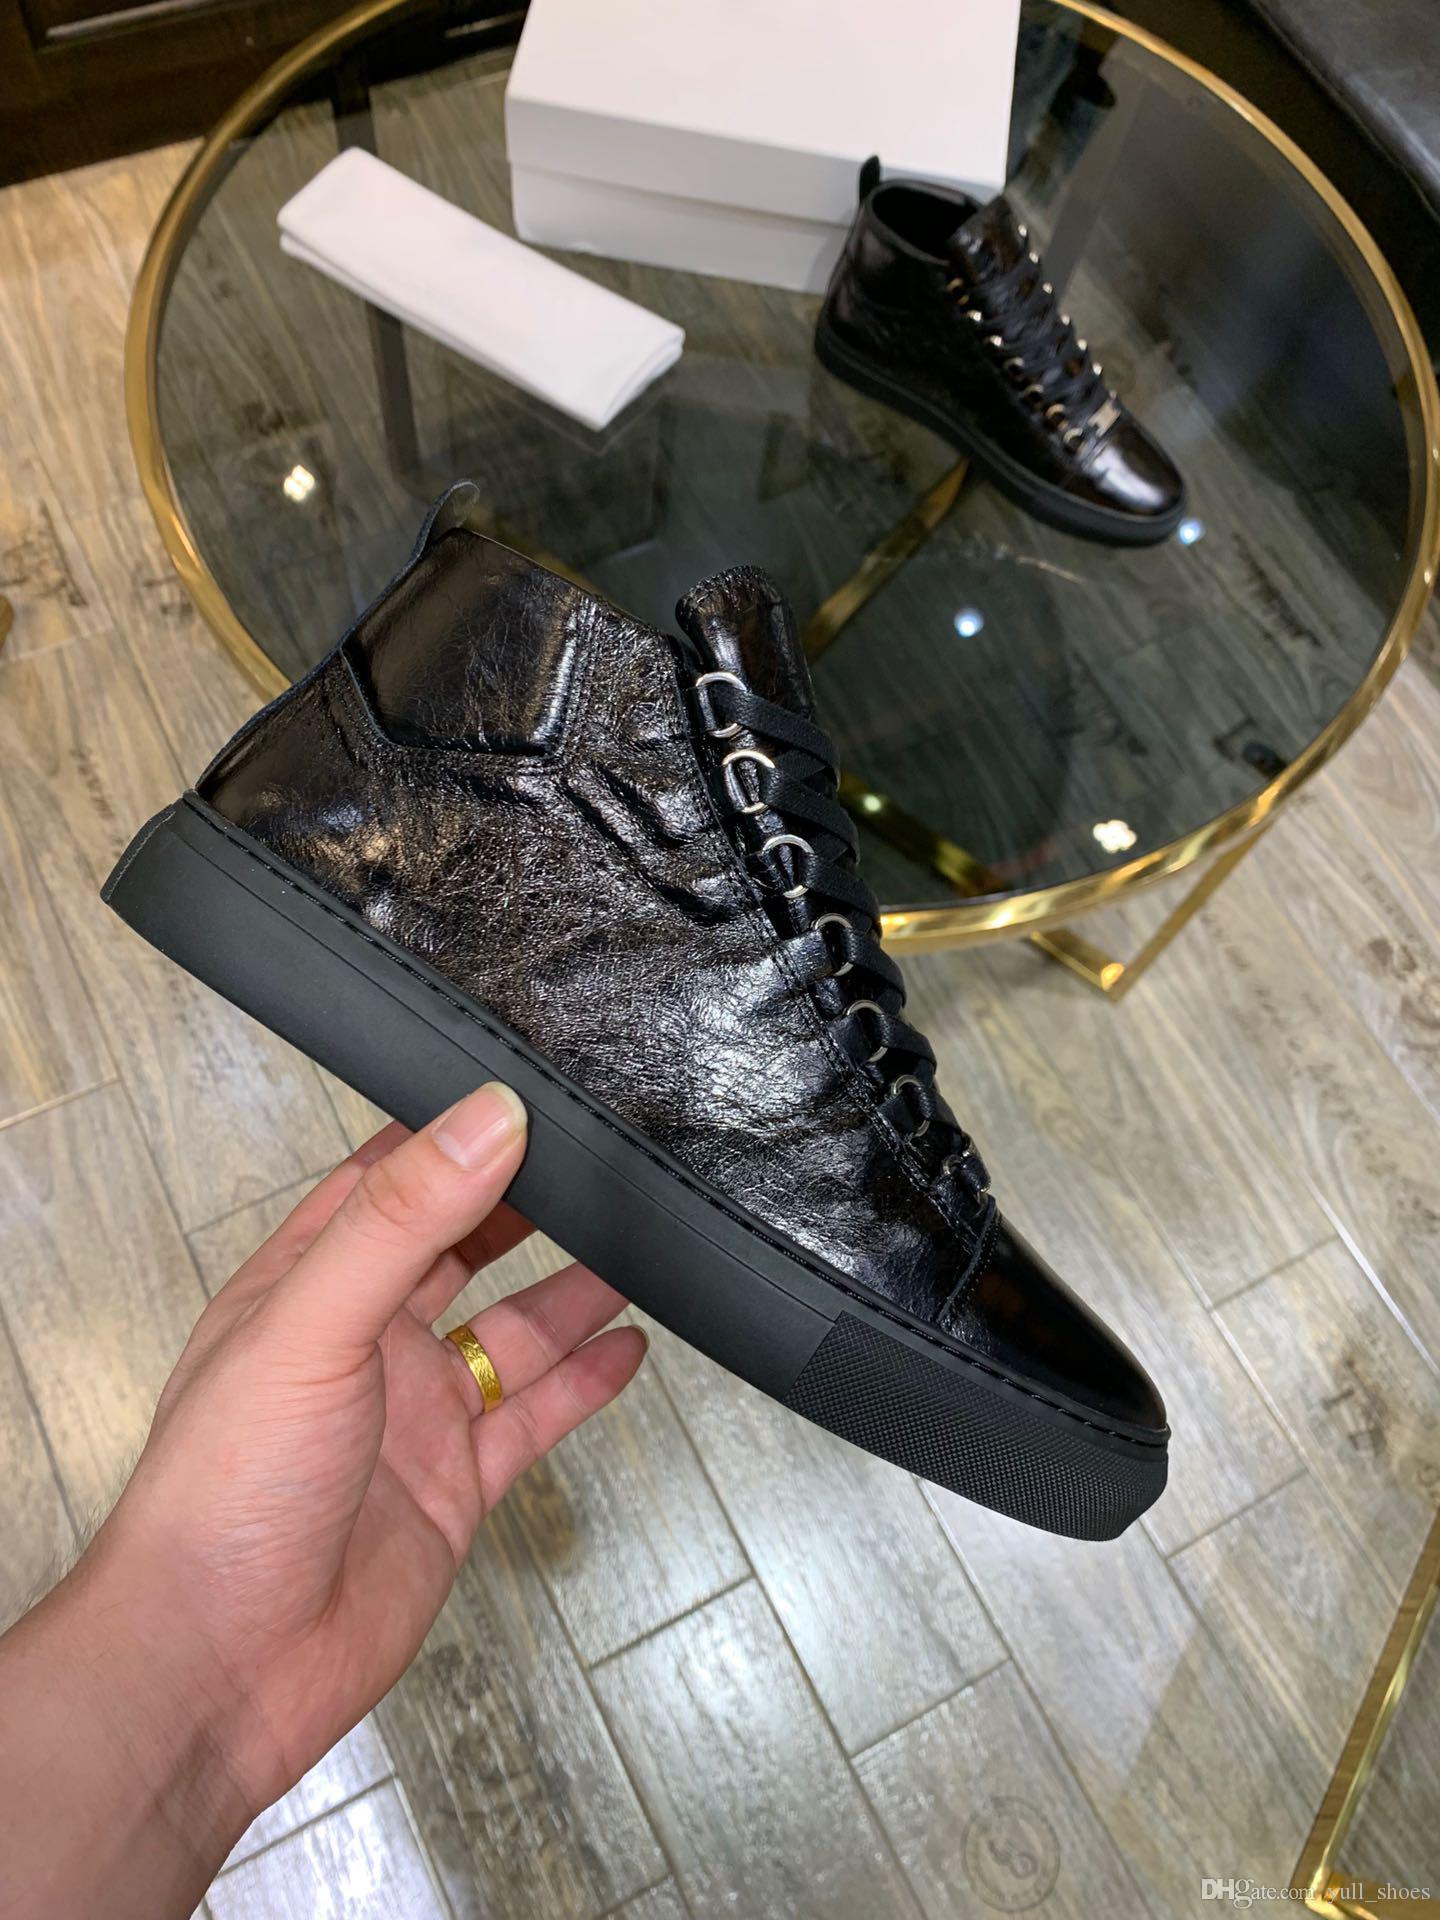 2020 reflectante de plata blanco del Medio superior de tacón bajo del diseñador de moda de lujo de los hombres zapatos de plataforma Chaussures reflectante 3M Triple bota para caminar Casual